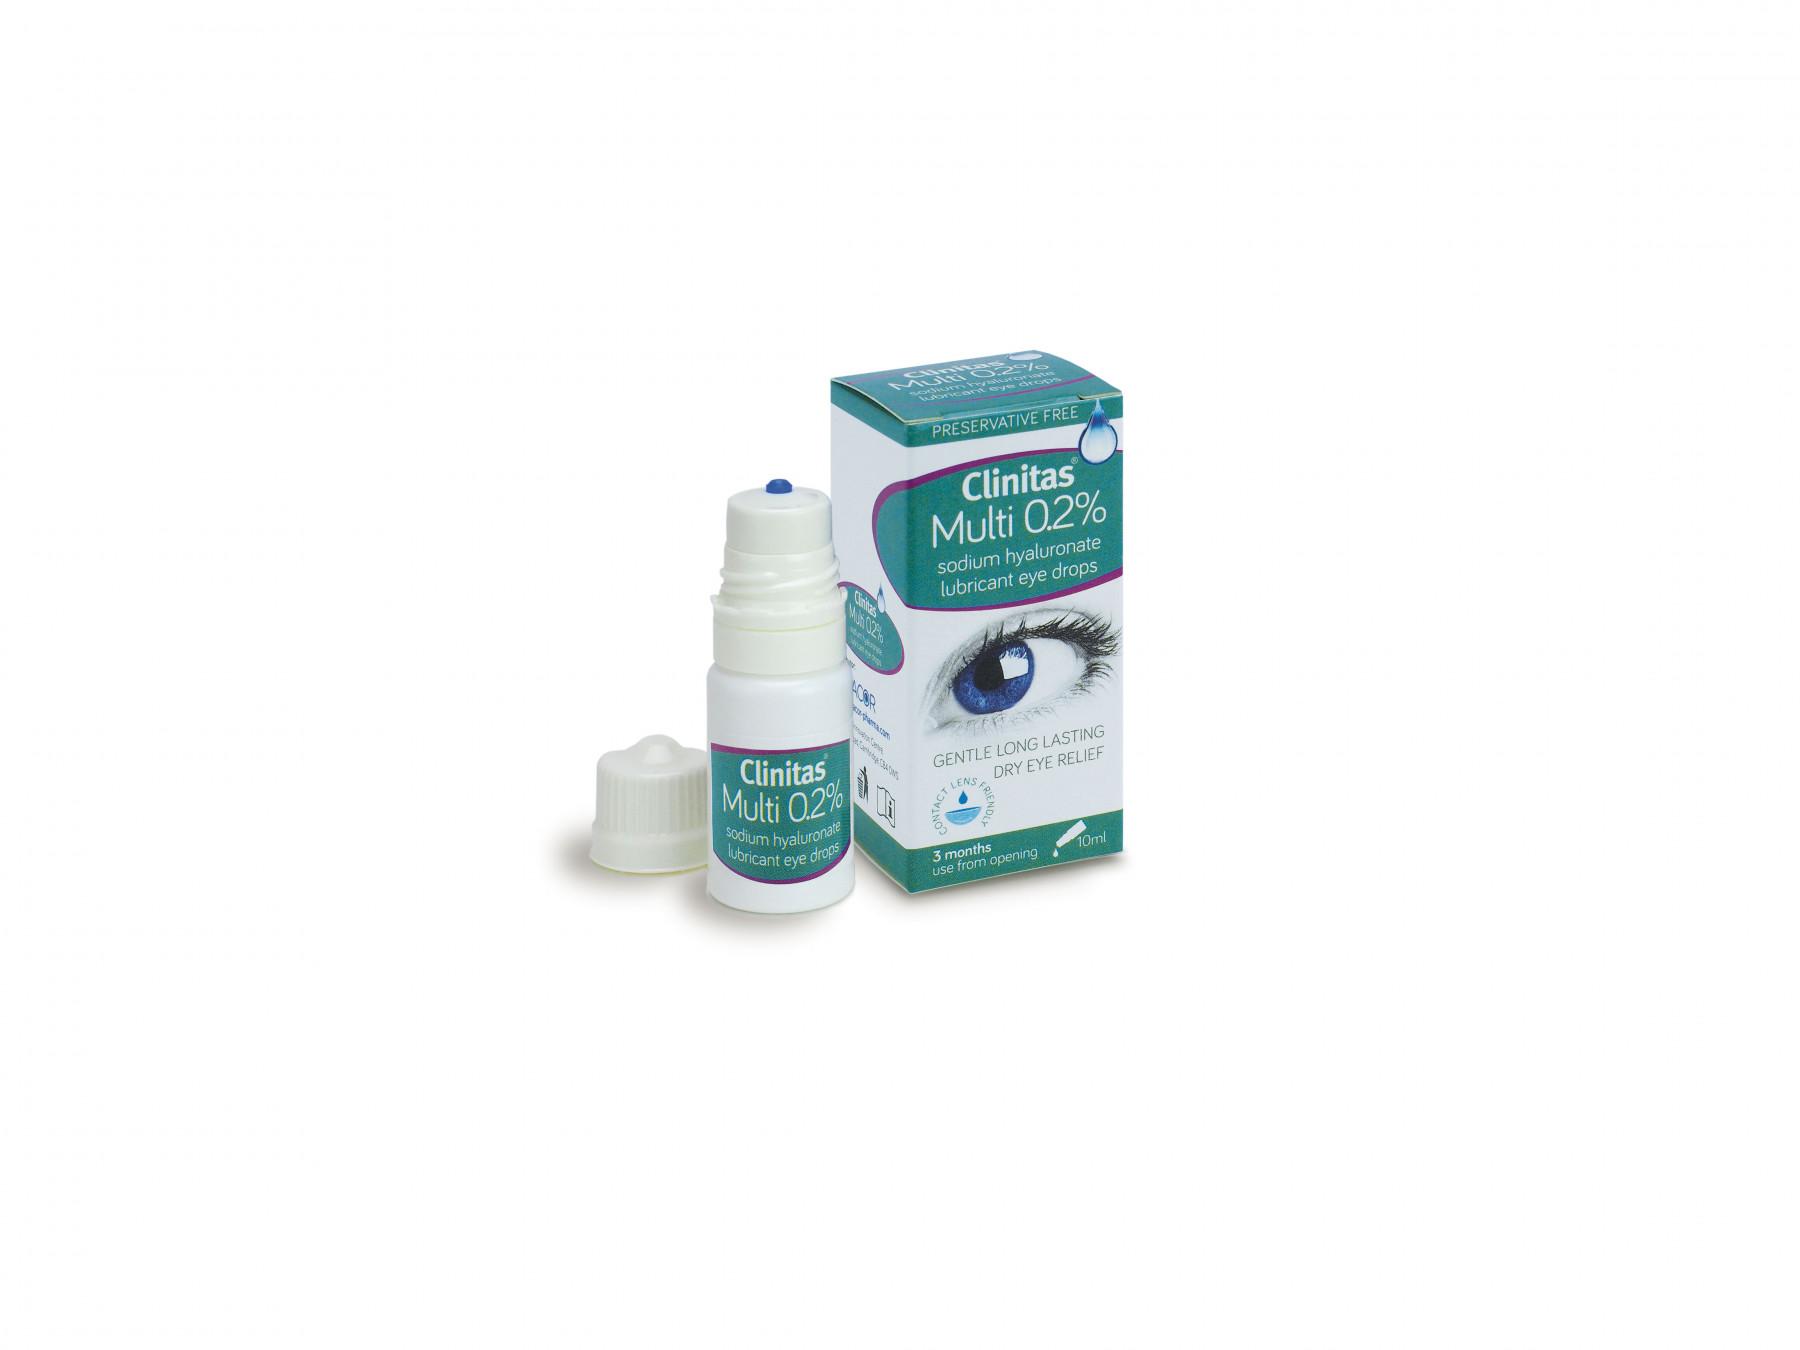 Clinitas Multi 0.2% Eye Drops 10ml Dry Eye Relief